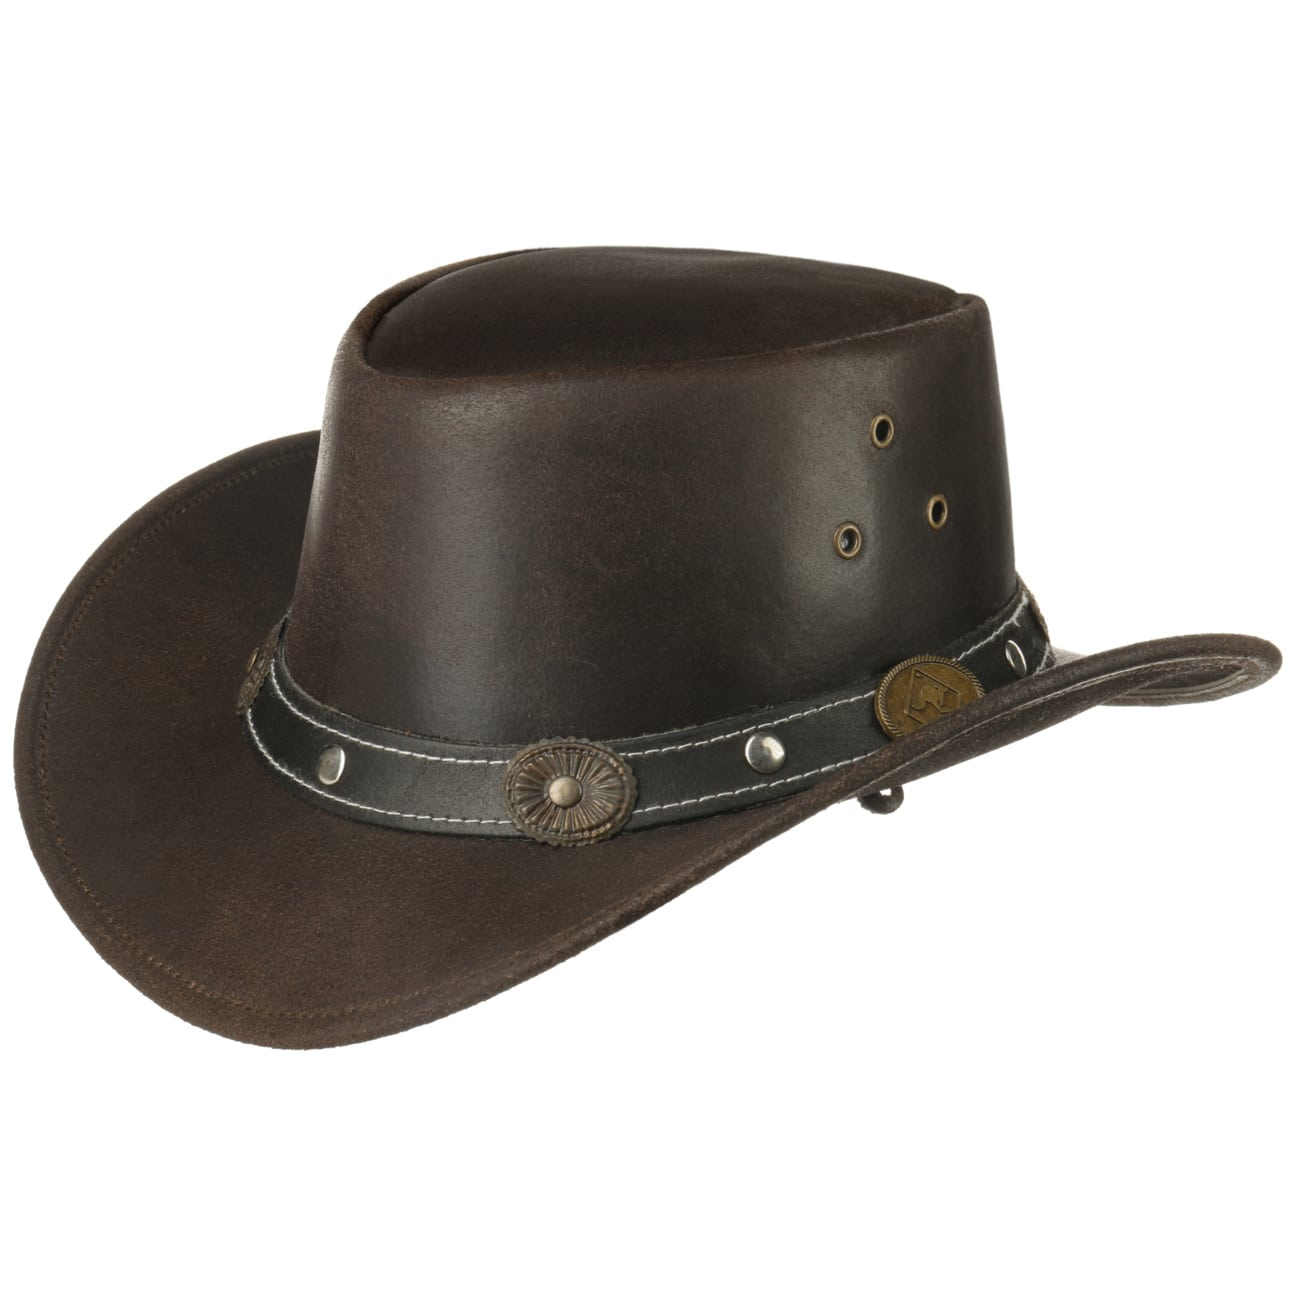 Sombrero de Piel Reno de Ni?o by Scippis